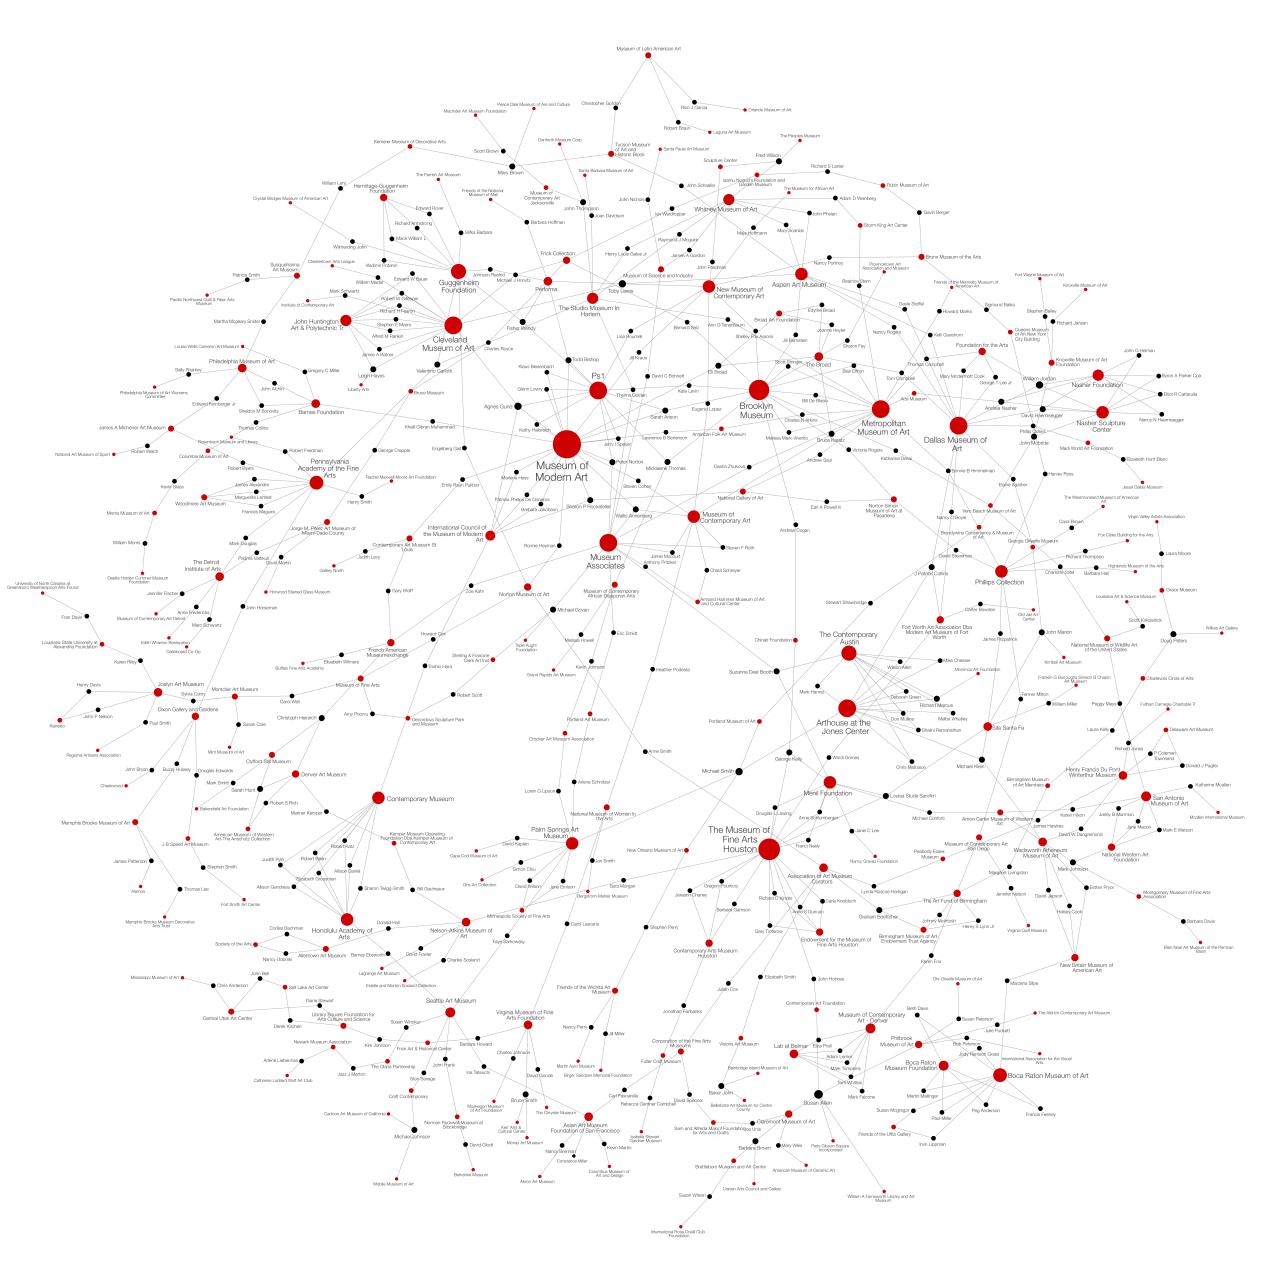 Netzwerk von Kunstgalerien und deren Vorstandsmitgliedern, dargestellt durch rote und schwarze Punkte in verschiedenen Größen, die durch Linien verbunden sind